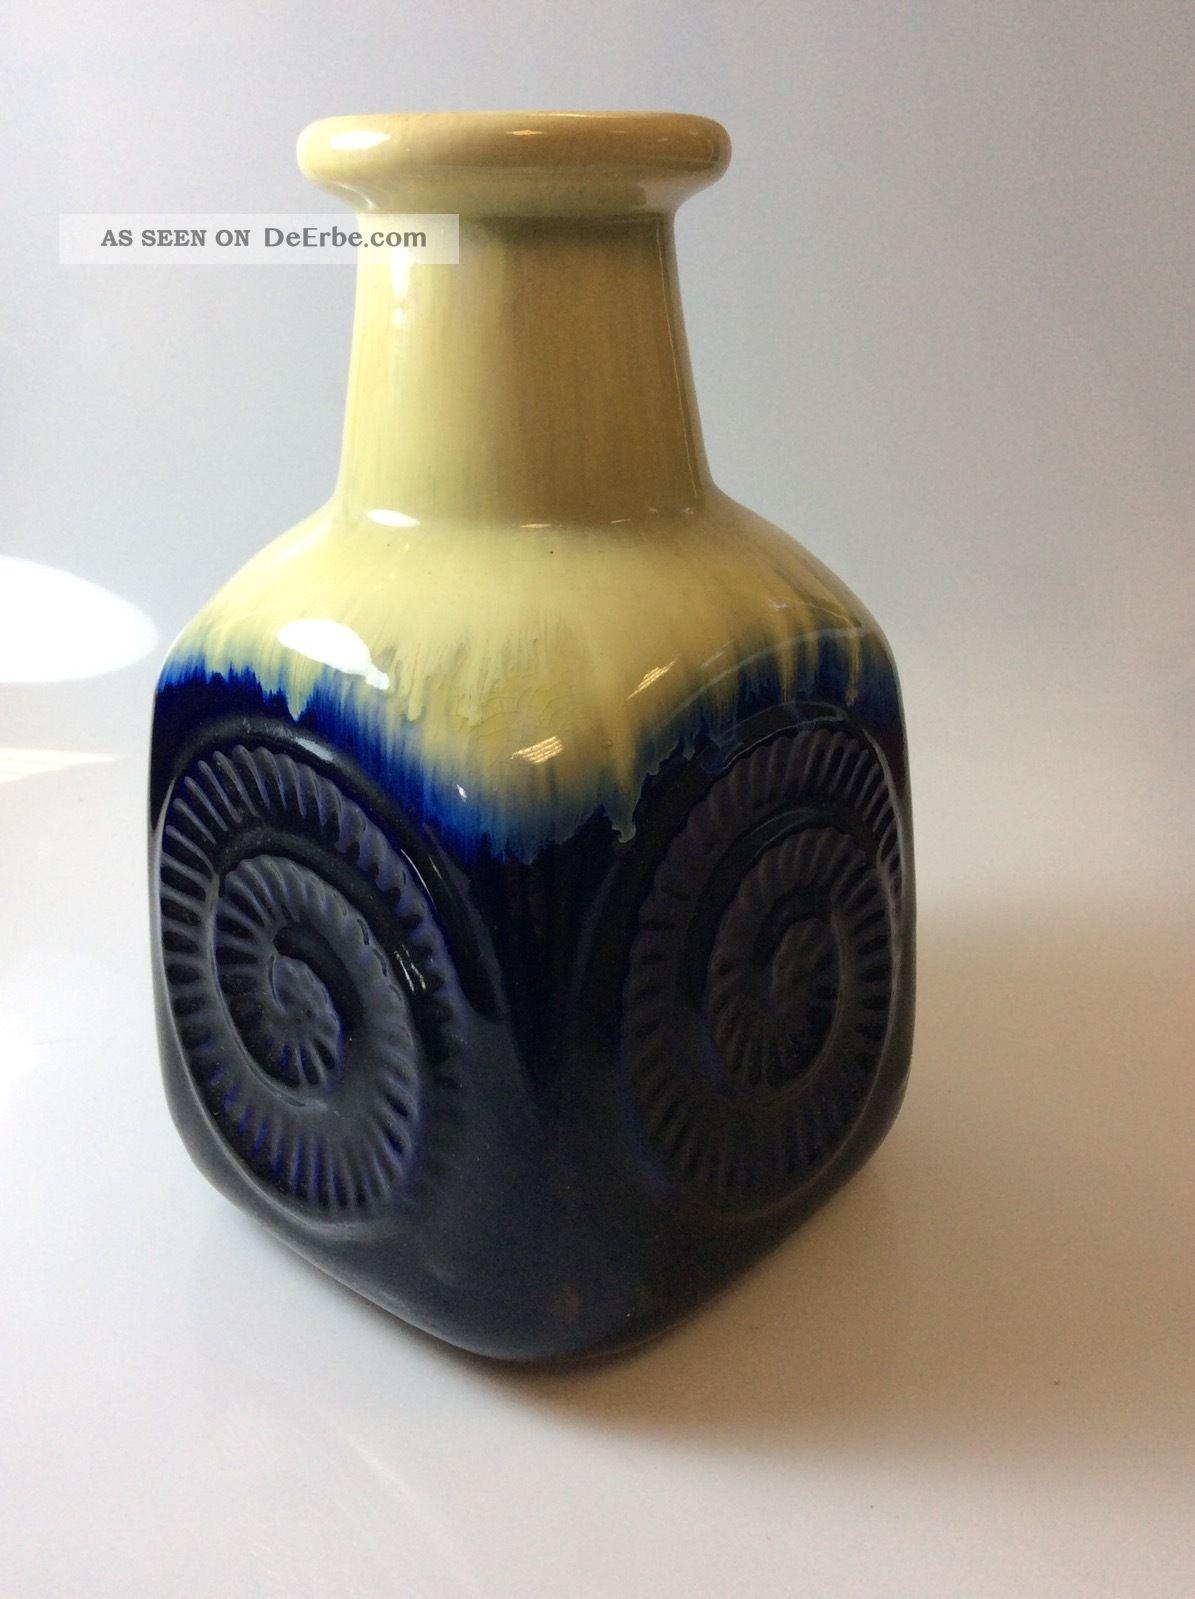 Vase Von Bay Keramik 80 25 Design Bodo Mans Blau Weiß 1960-1969 Bild